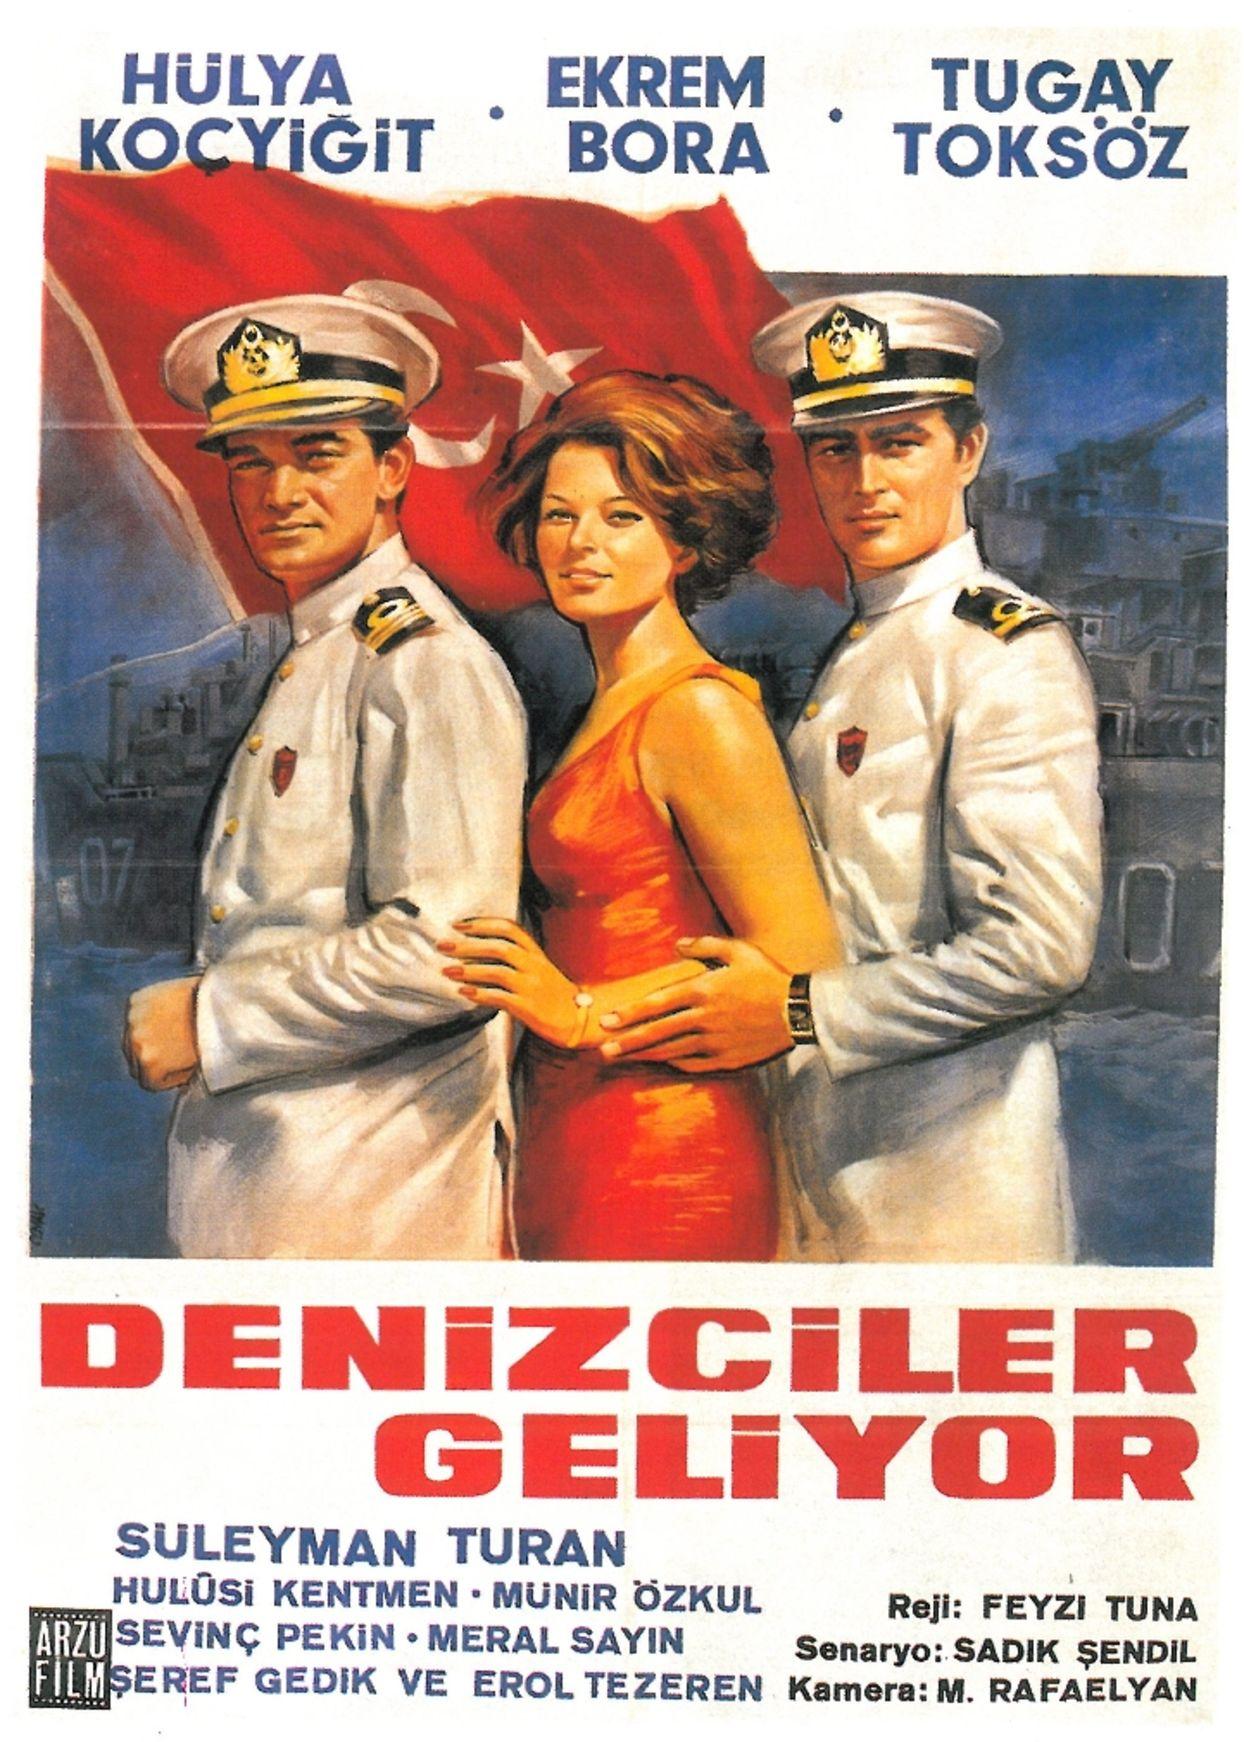 Feyzi Tuna'nın yönettiği 1966 yapımı 'Denizciler Geliyor'da Hülya Koçyiğit, başrolleri Ekrem Bora ve Tugay Toköz ile paylaştı.